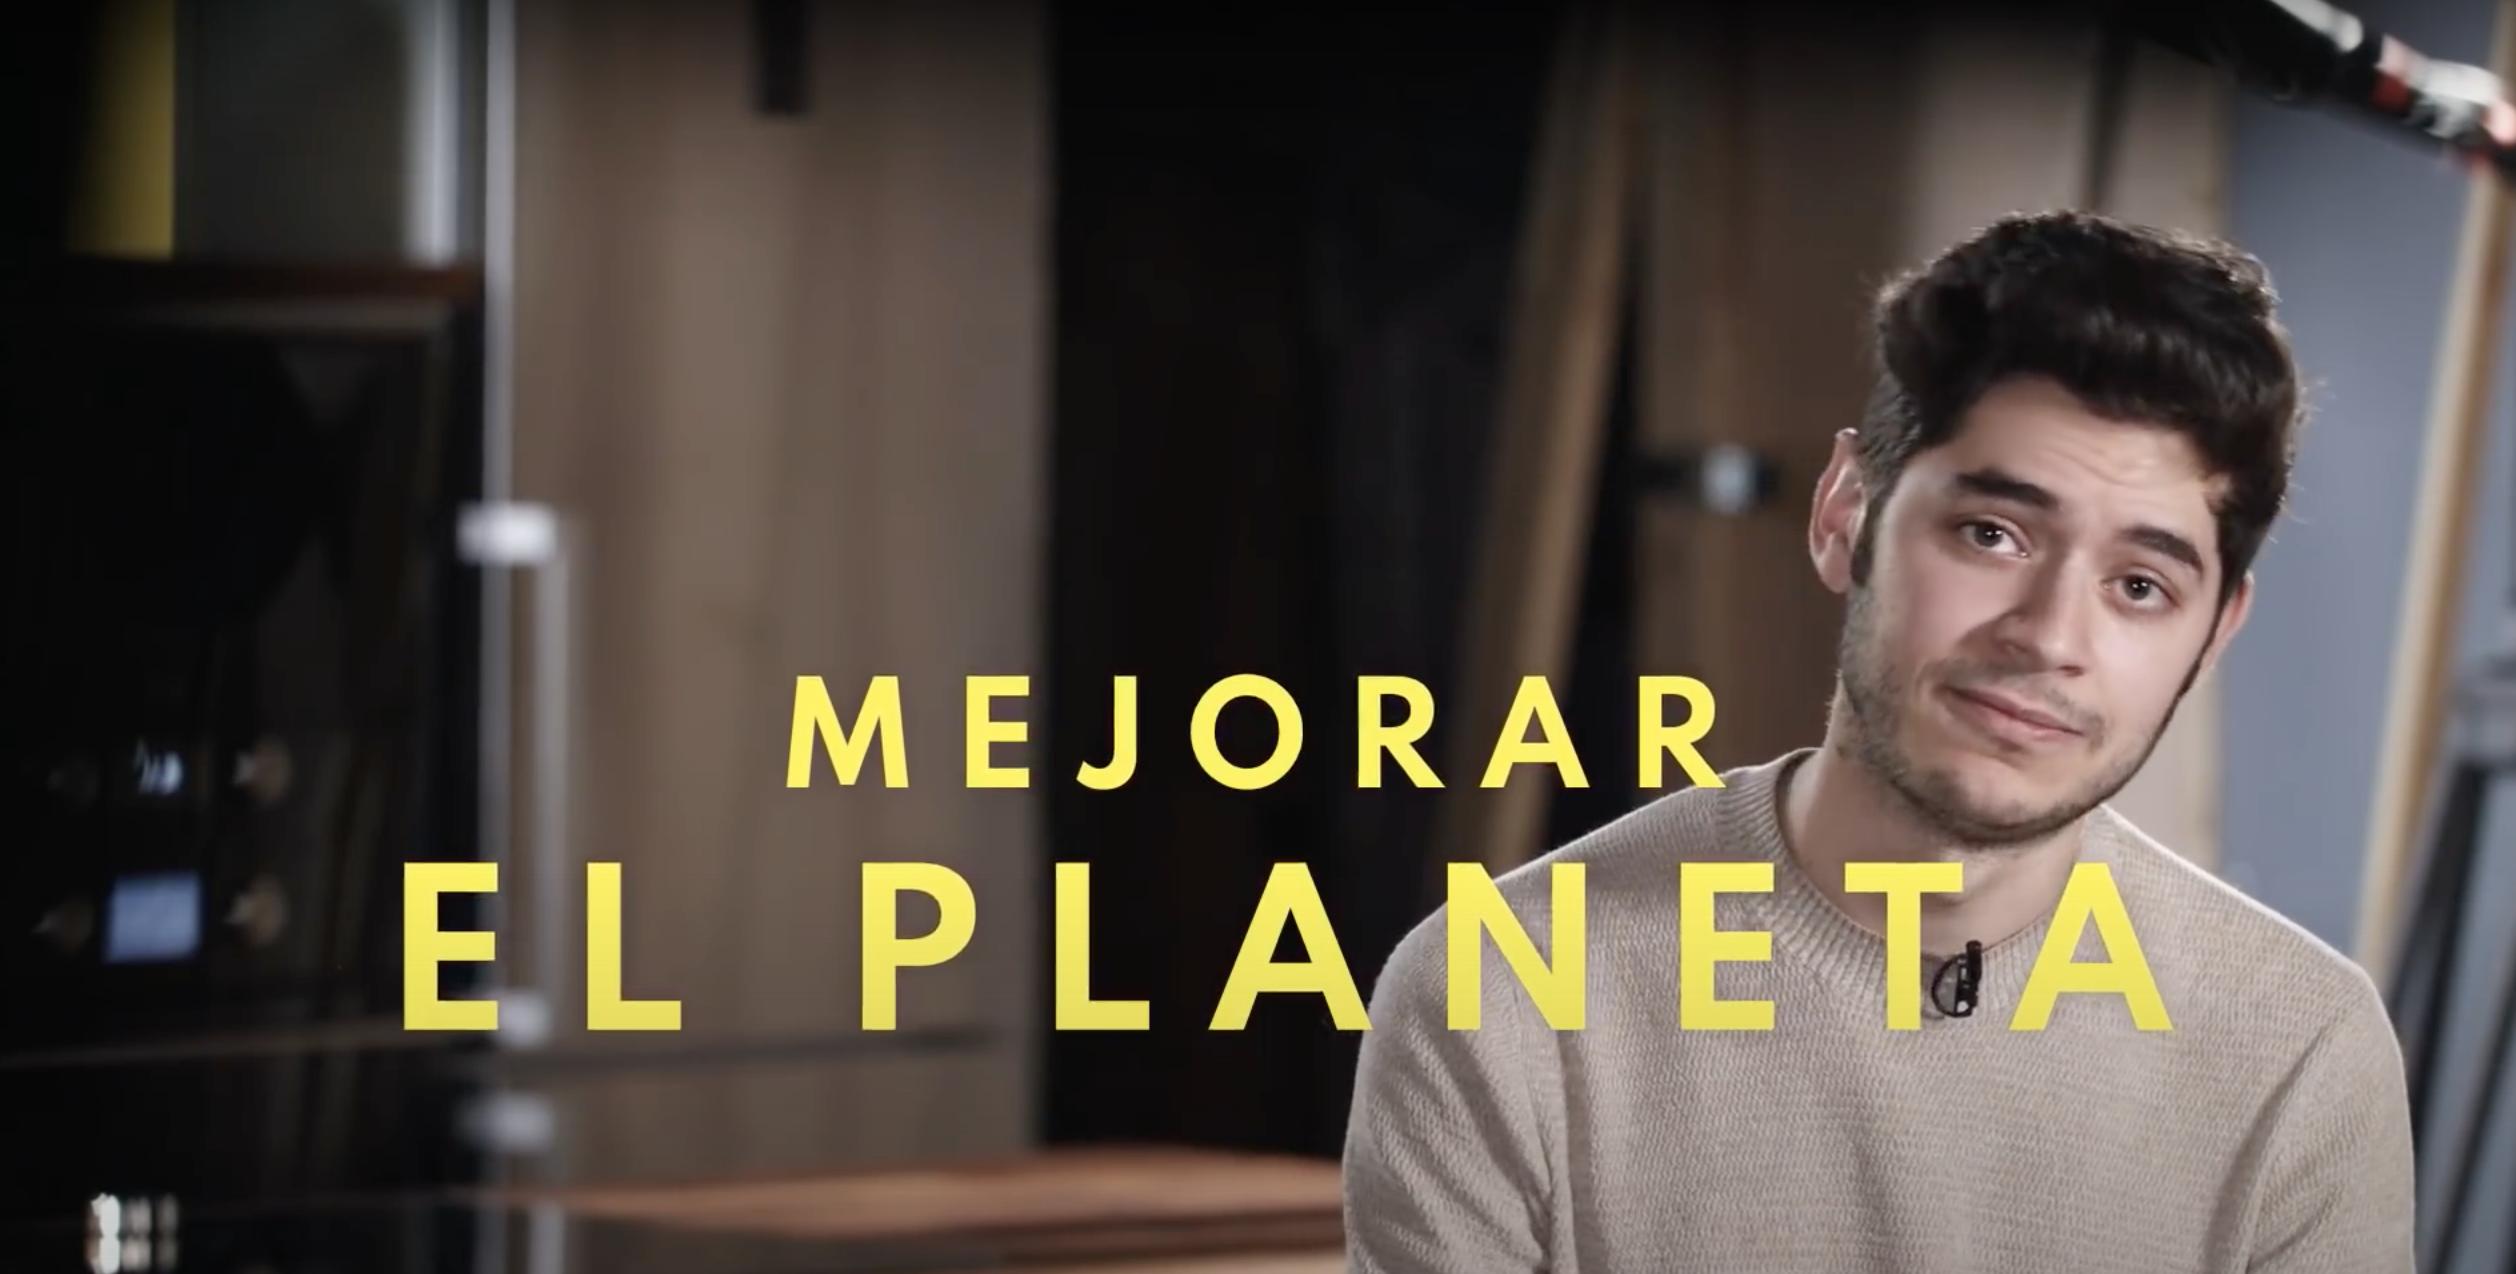 Mejorar el planeta con Fabián León